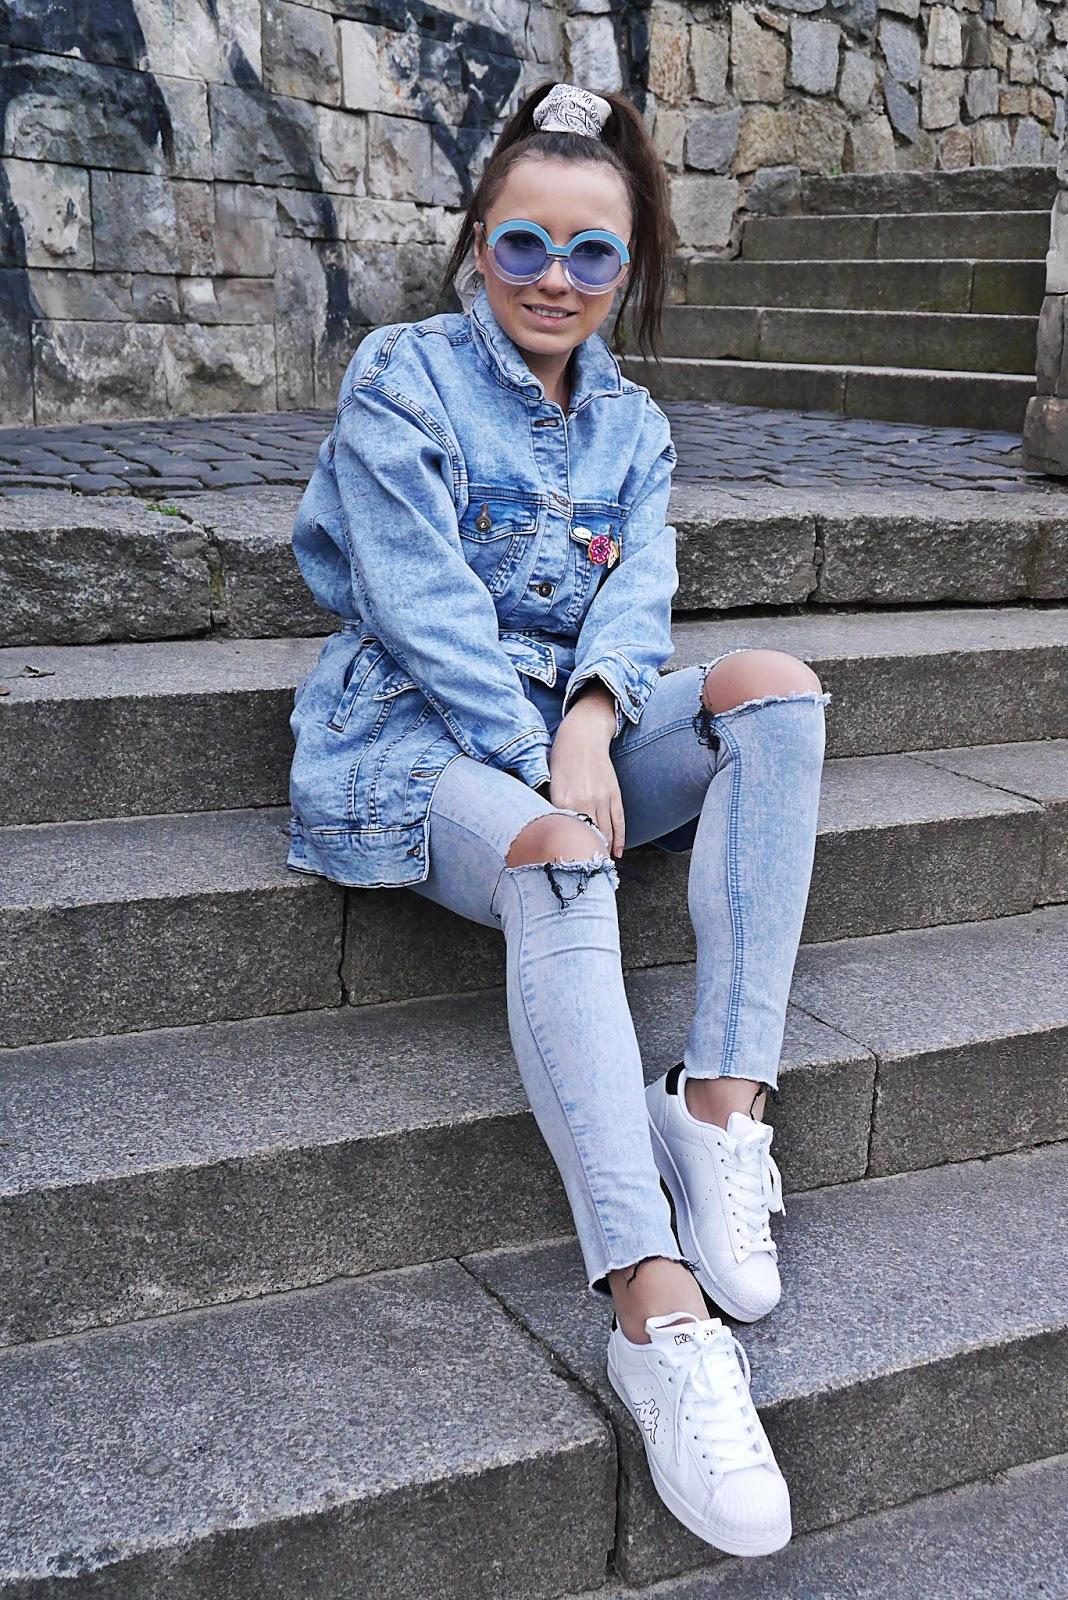 blog modowy blogerka modowa karyn puławy kurtka jeansowa z paskiem bonprix zawieszki buty kappa białe sportowe porwane spodnie stylizacja wiosenna look okulary przeciwsloneczne niebieskie